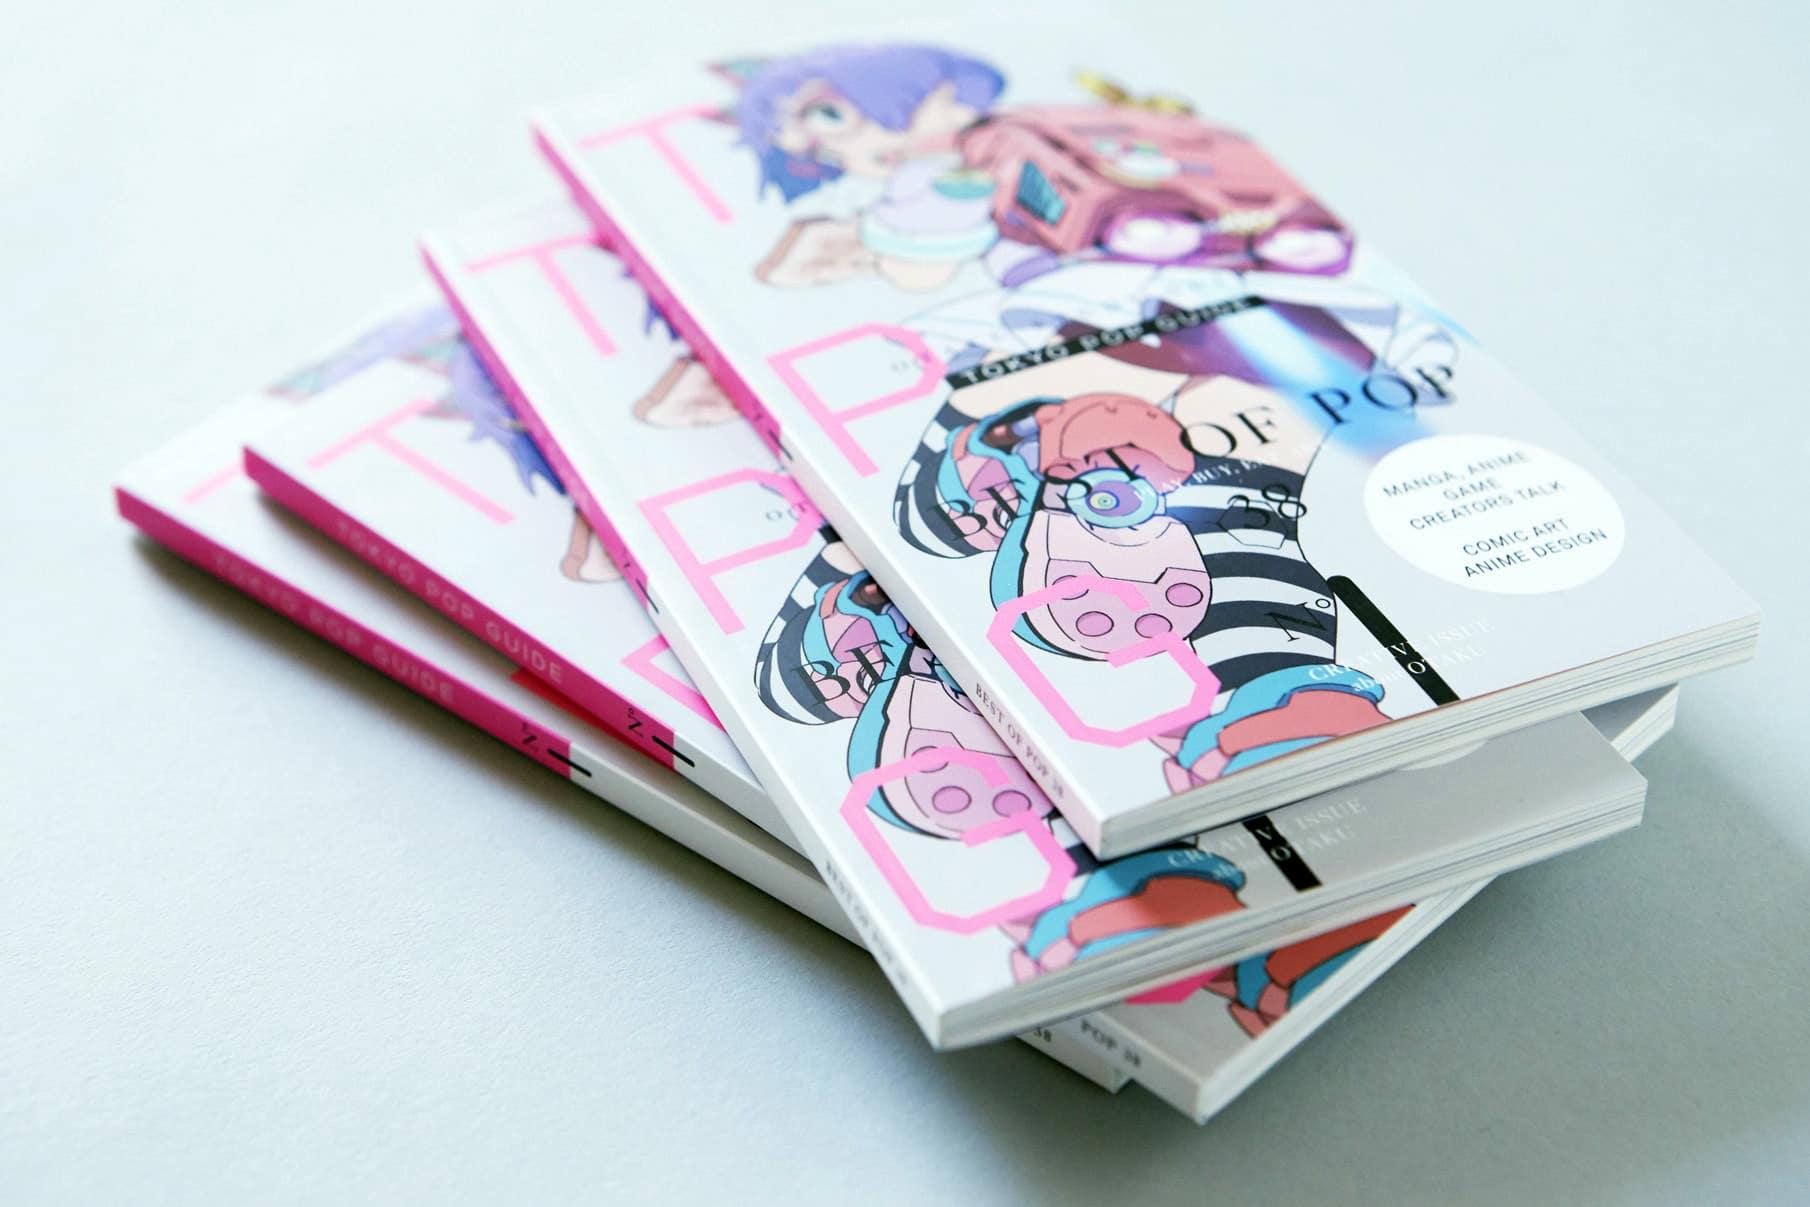 Tokyo Pop Guide Vol.1 - Culture Guide Book 2